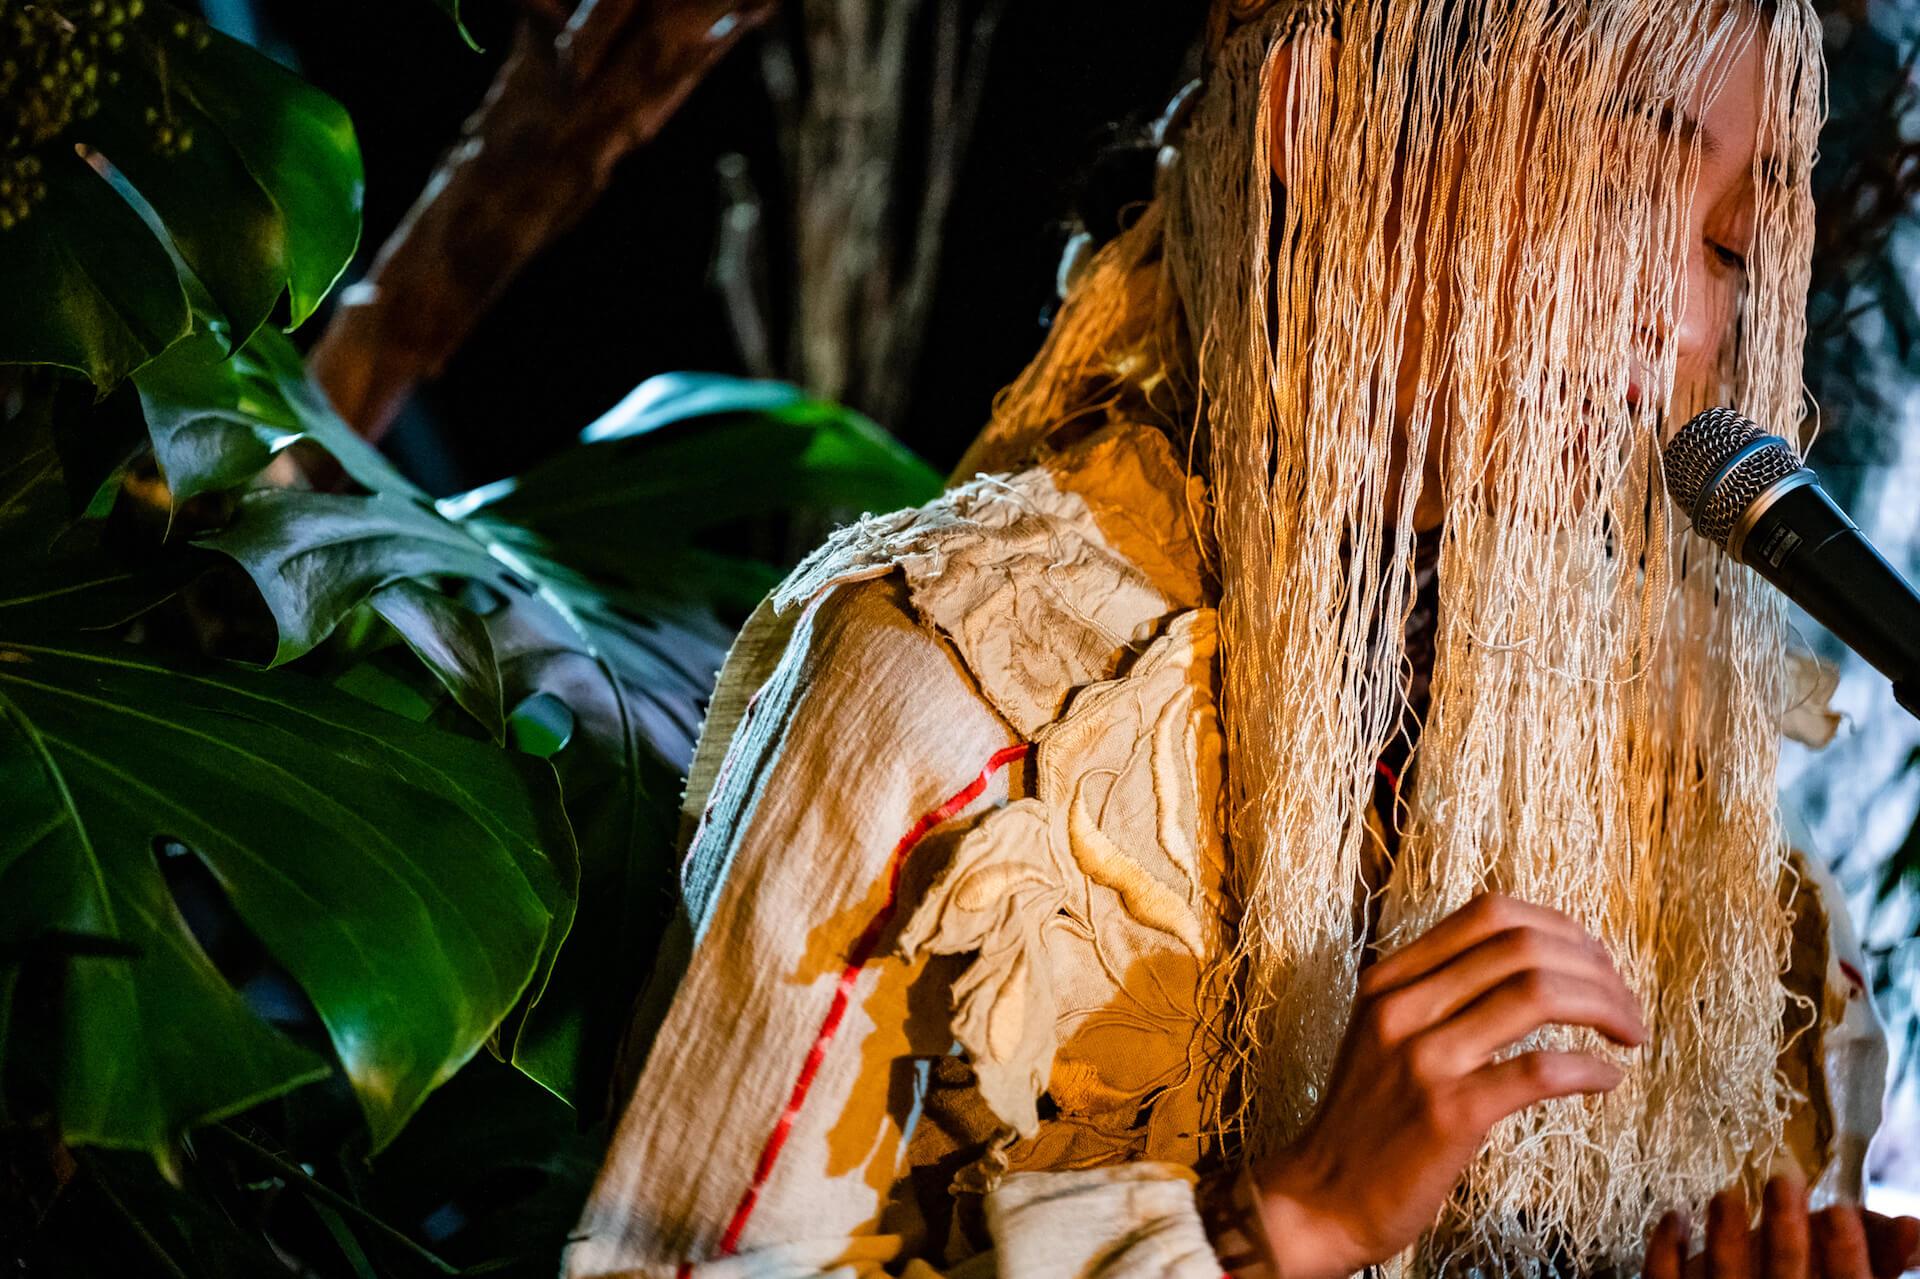 YAKUSHIMA TREASUREの死生観とポストコロナの表現 屋久島の原生林でのライヴ作品『ANOTHER LIVE』に迫る music210219_yakushimatreasure_26